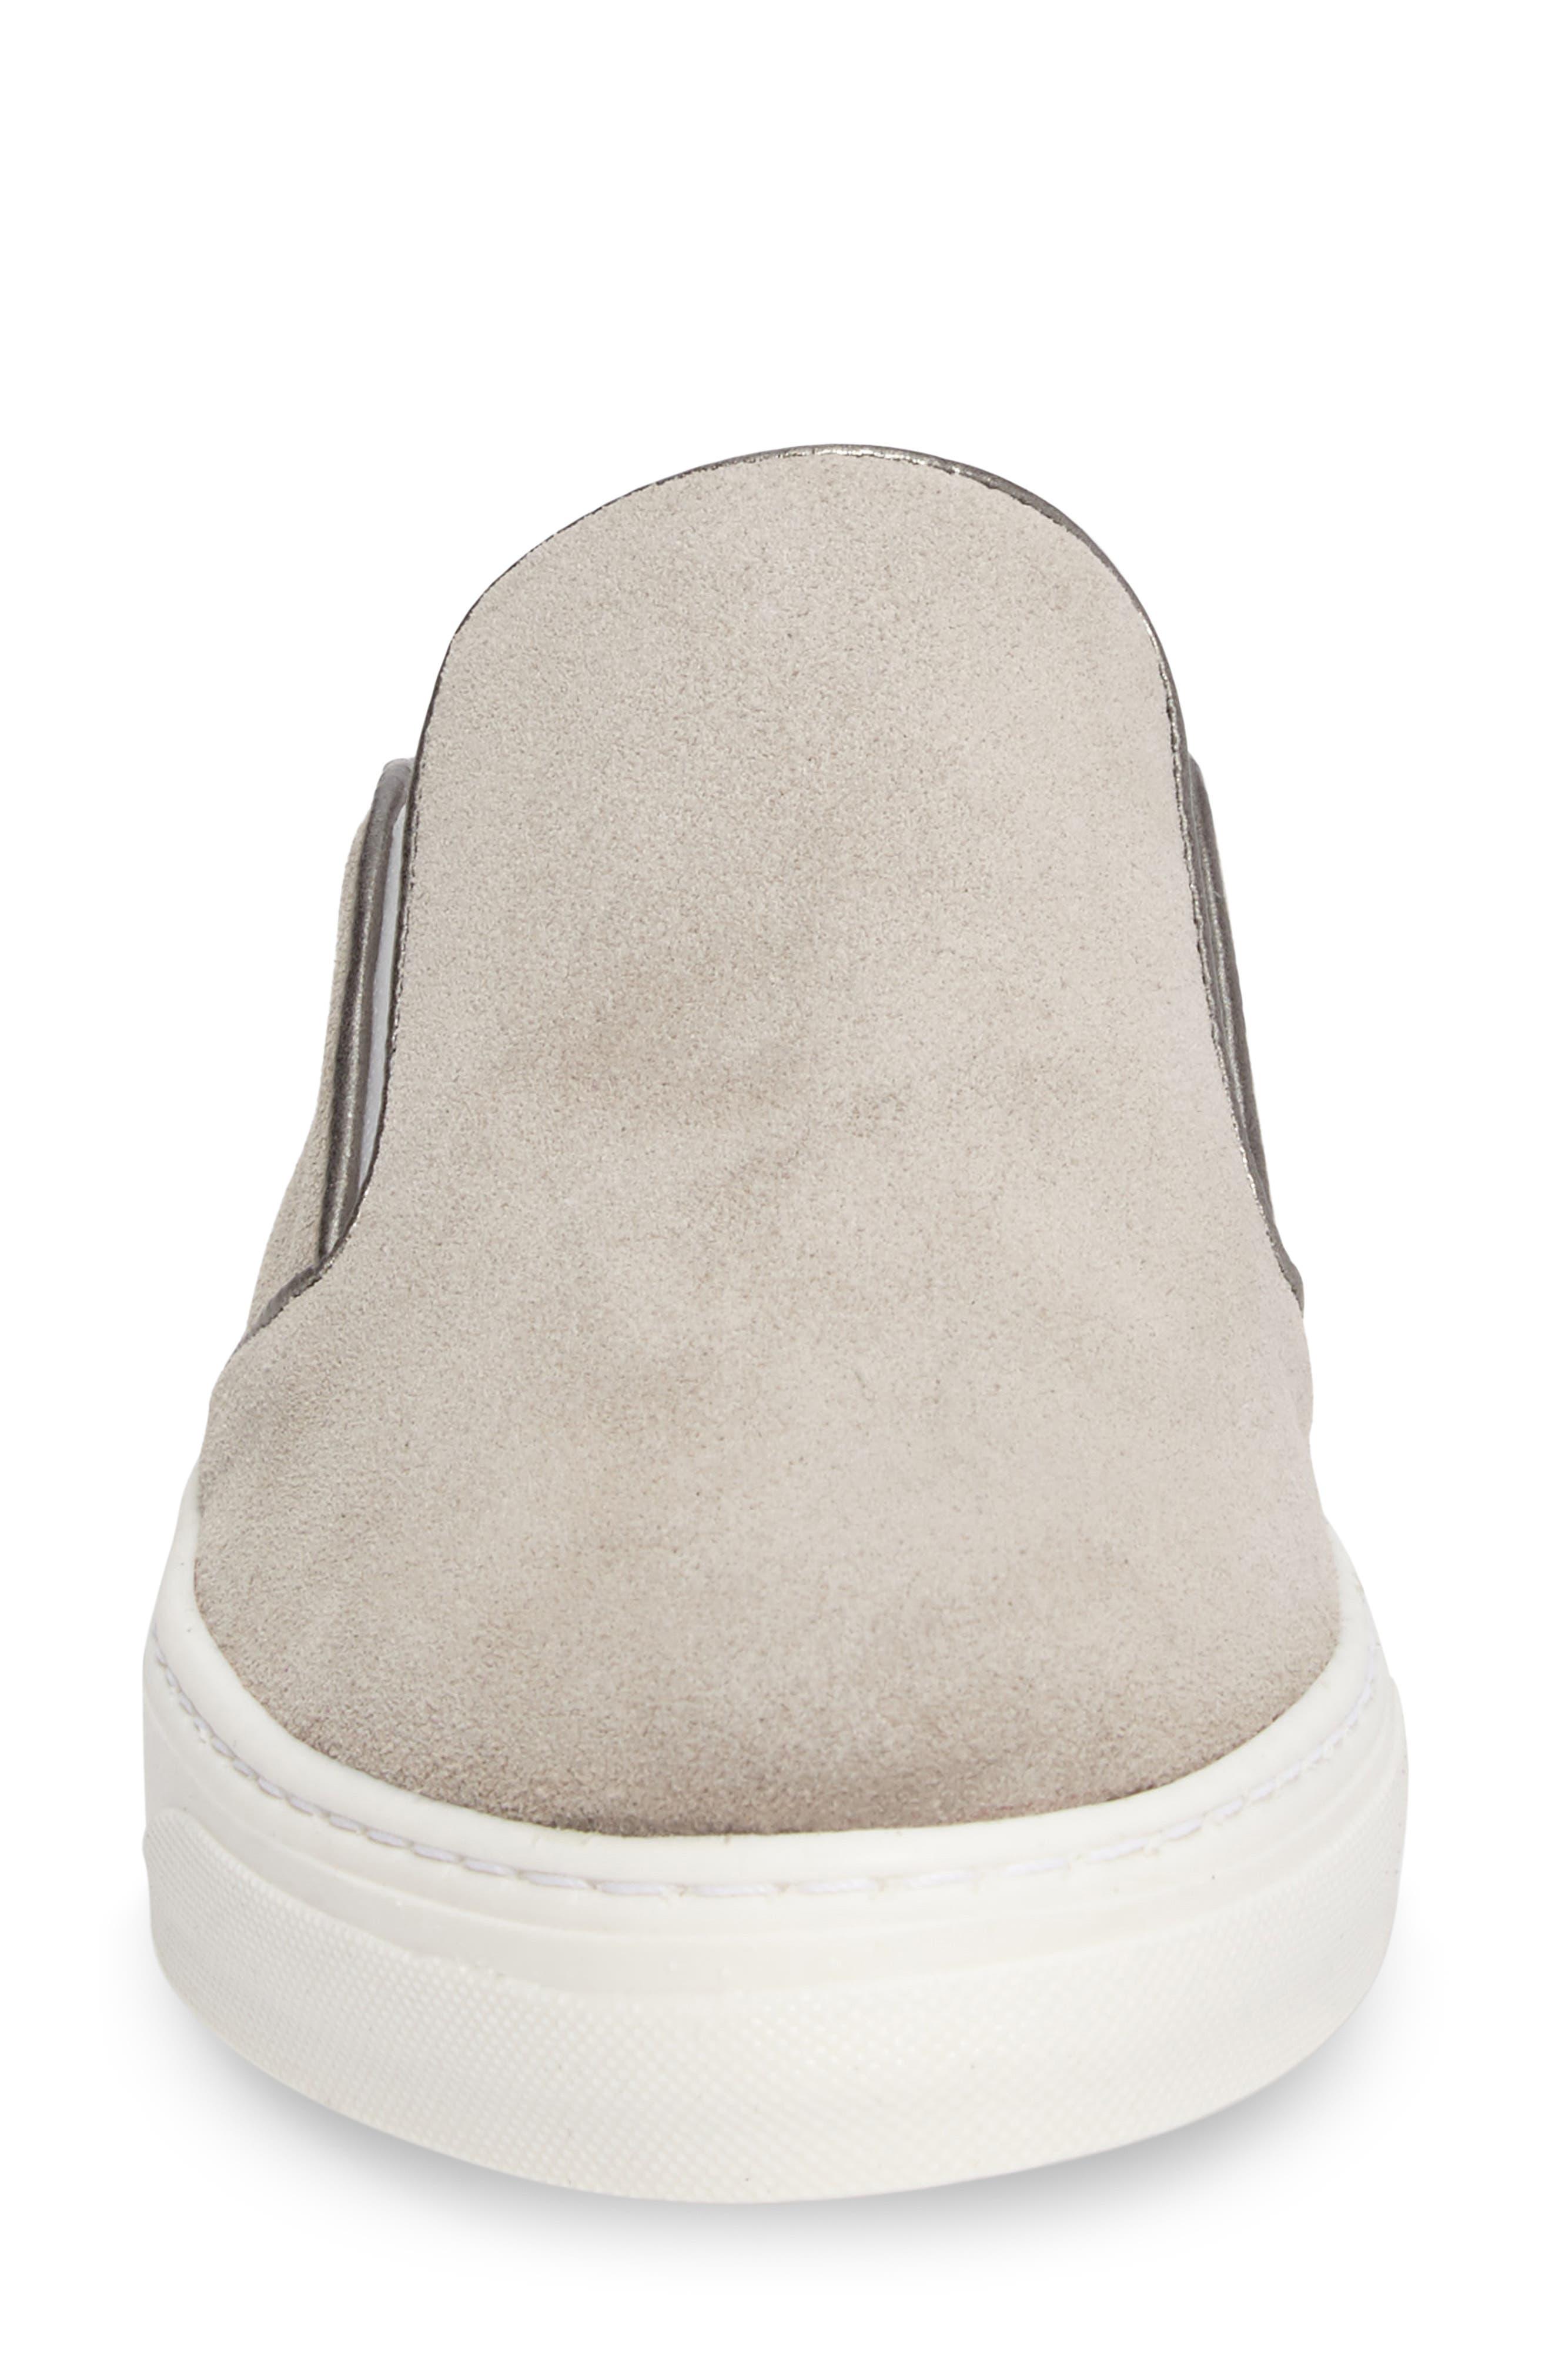 Balbina Mule Sneaker,                             Alternate thumbnail 8, color,